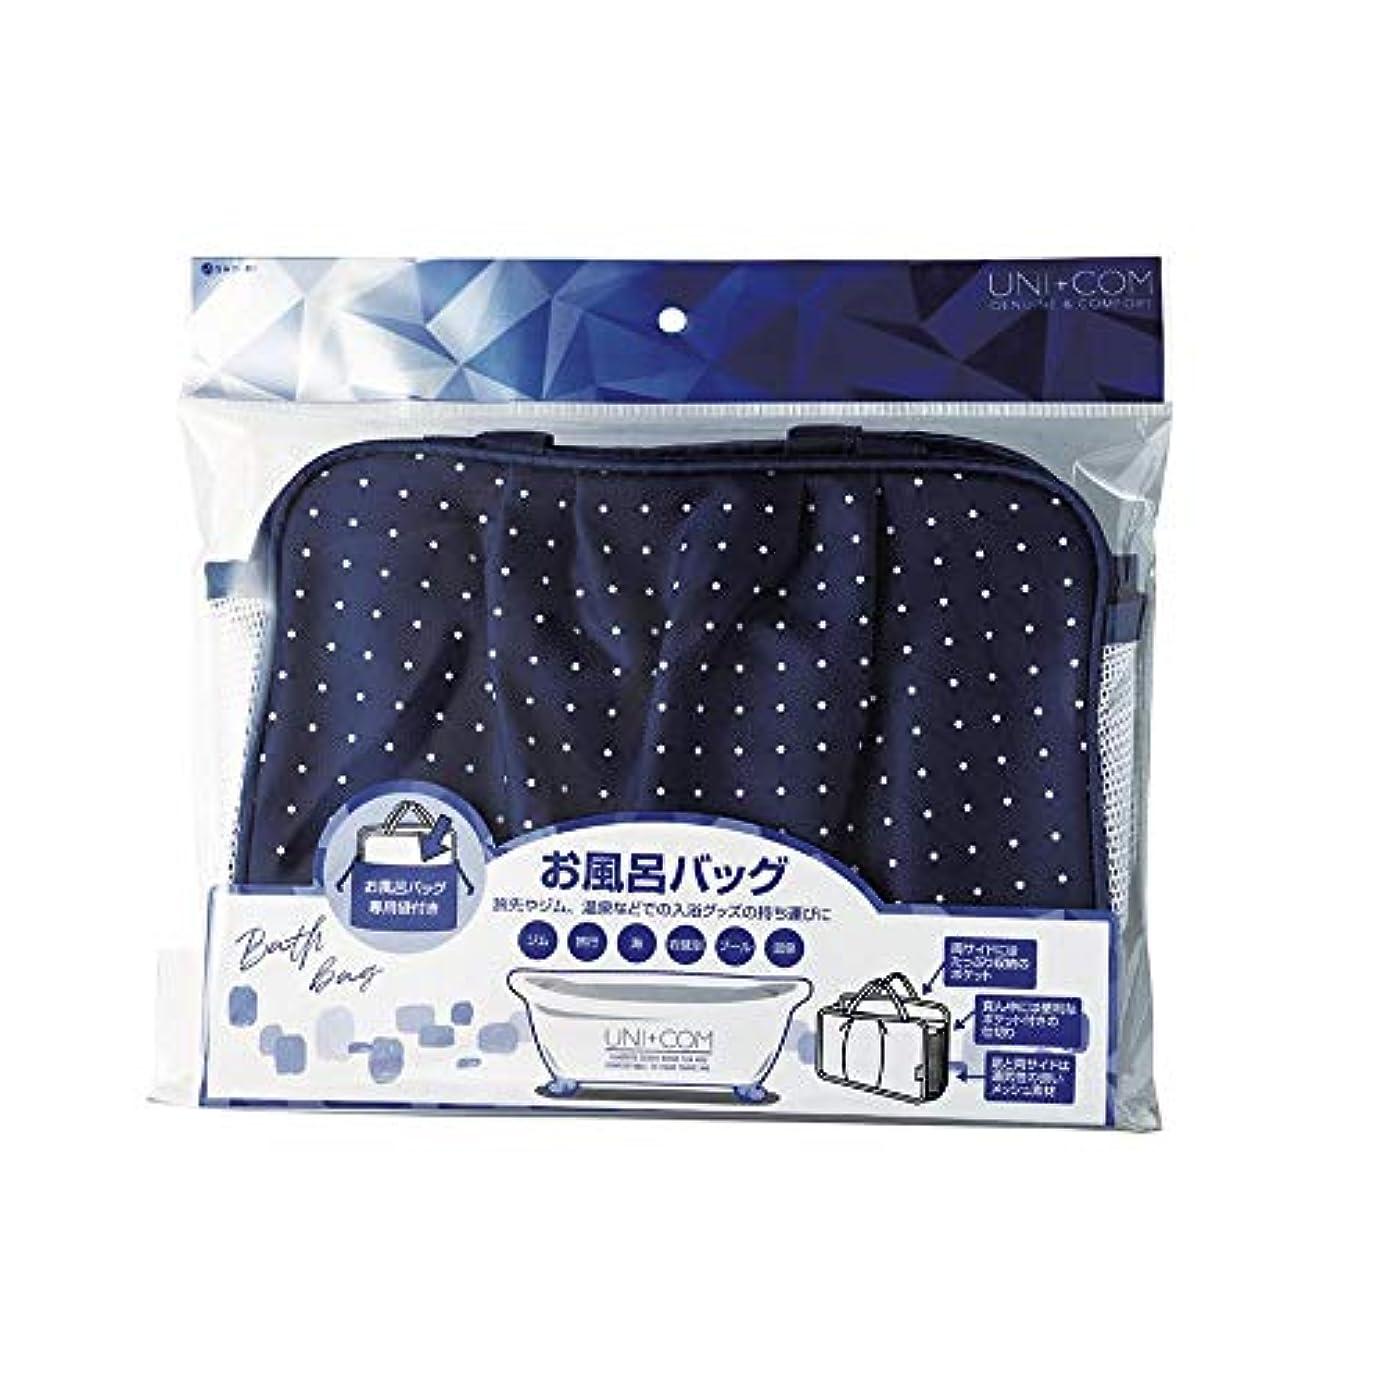 入る所有権のホストUNI+COM お風呂バッグ ドット UC40508